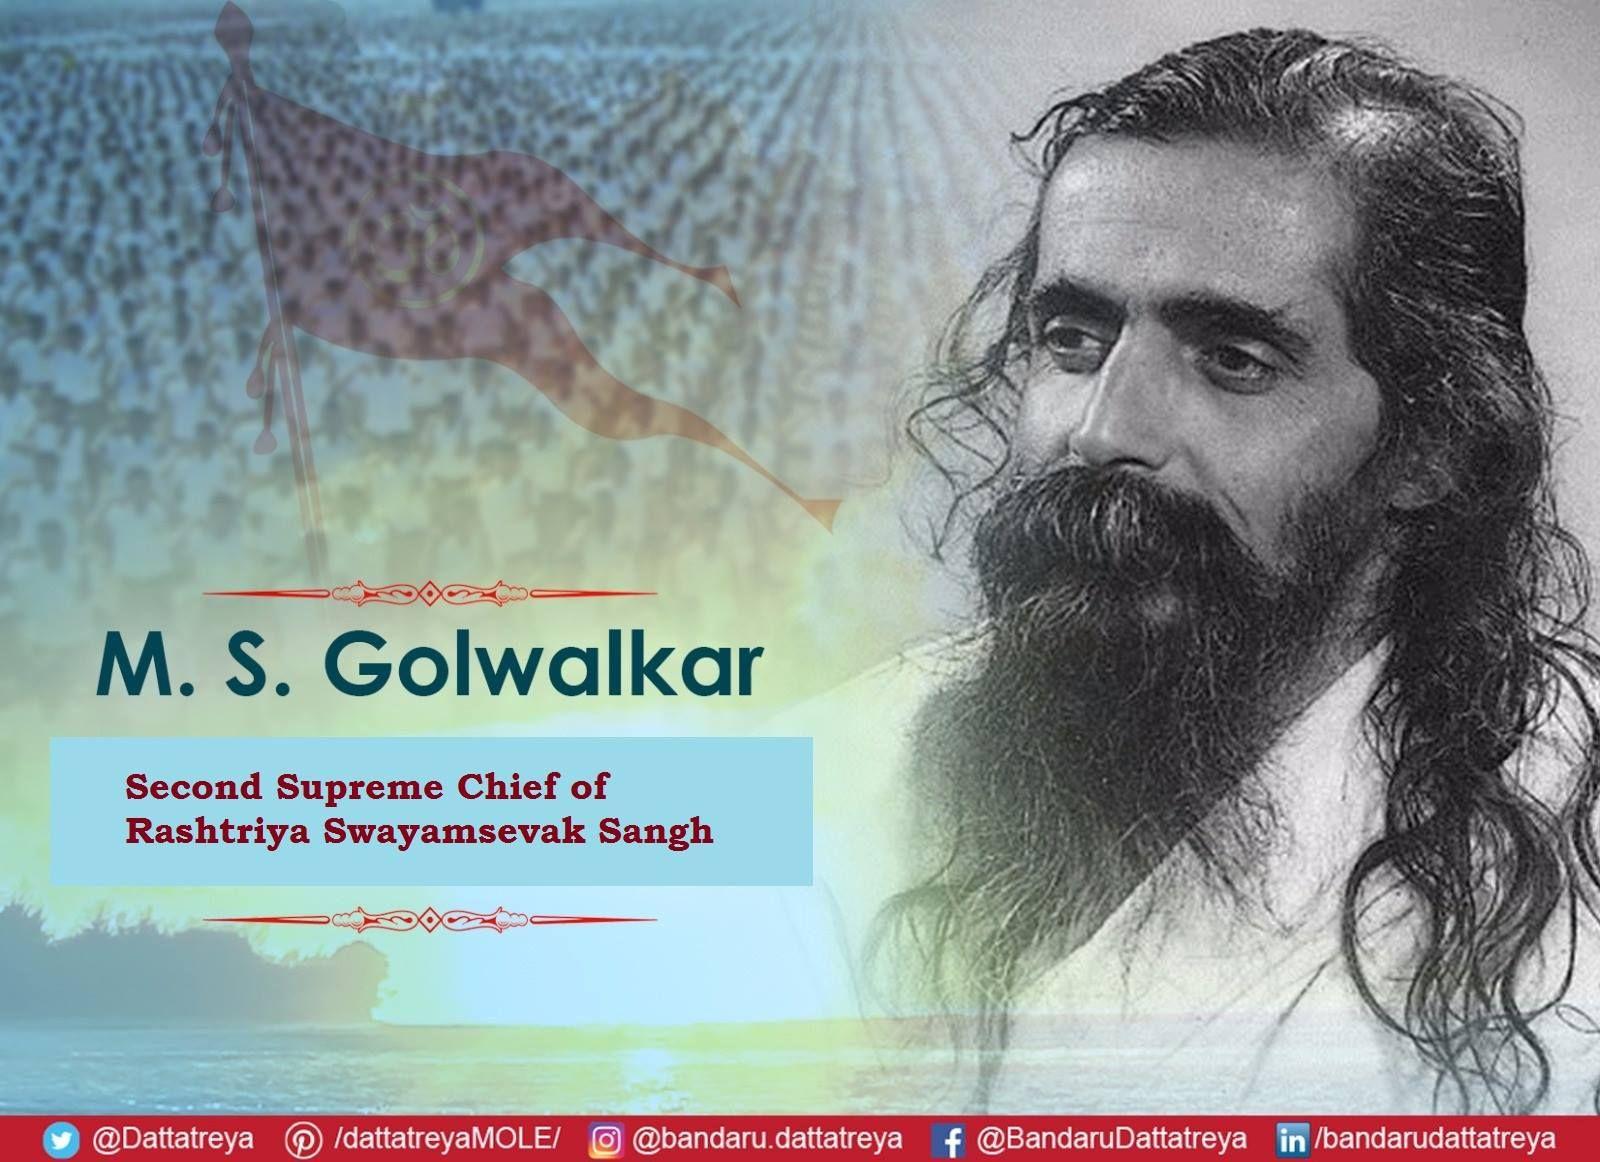 Tributes To Guruji Ji Shri Madhav Sadashiv Golwalkar Ji The Second Sarsanghchalak Of The Rashtriya Swayamsevak Sangh On His Birth An Photo Tribute Indian Flag